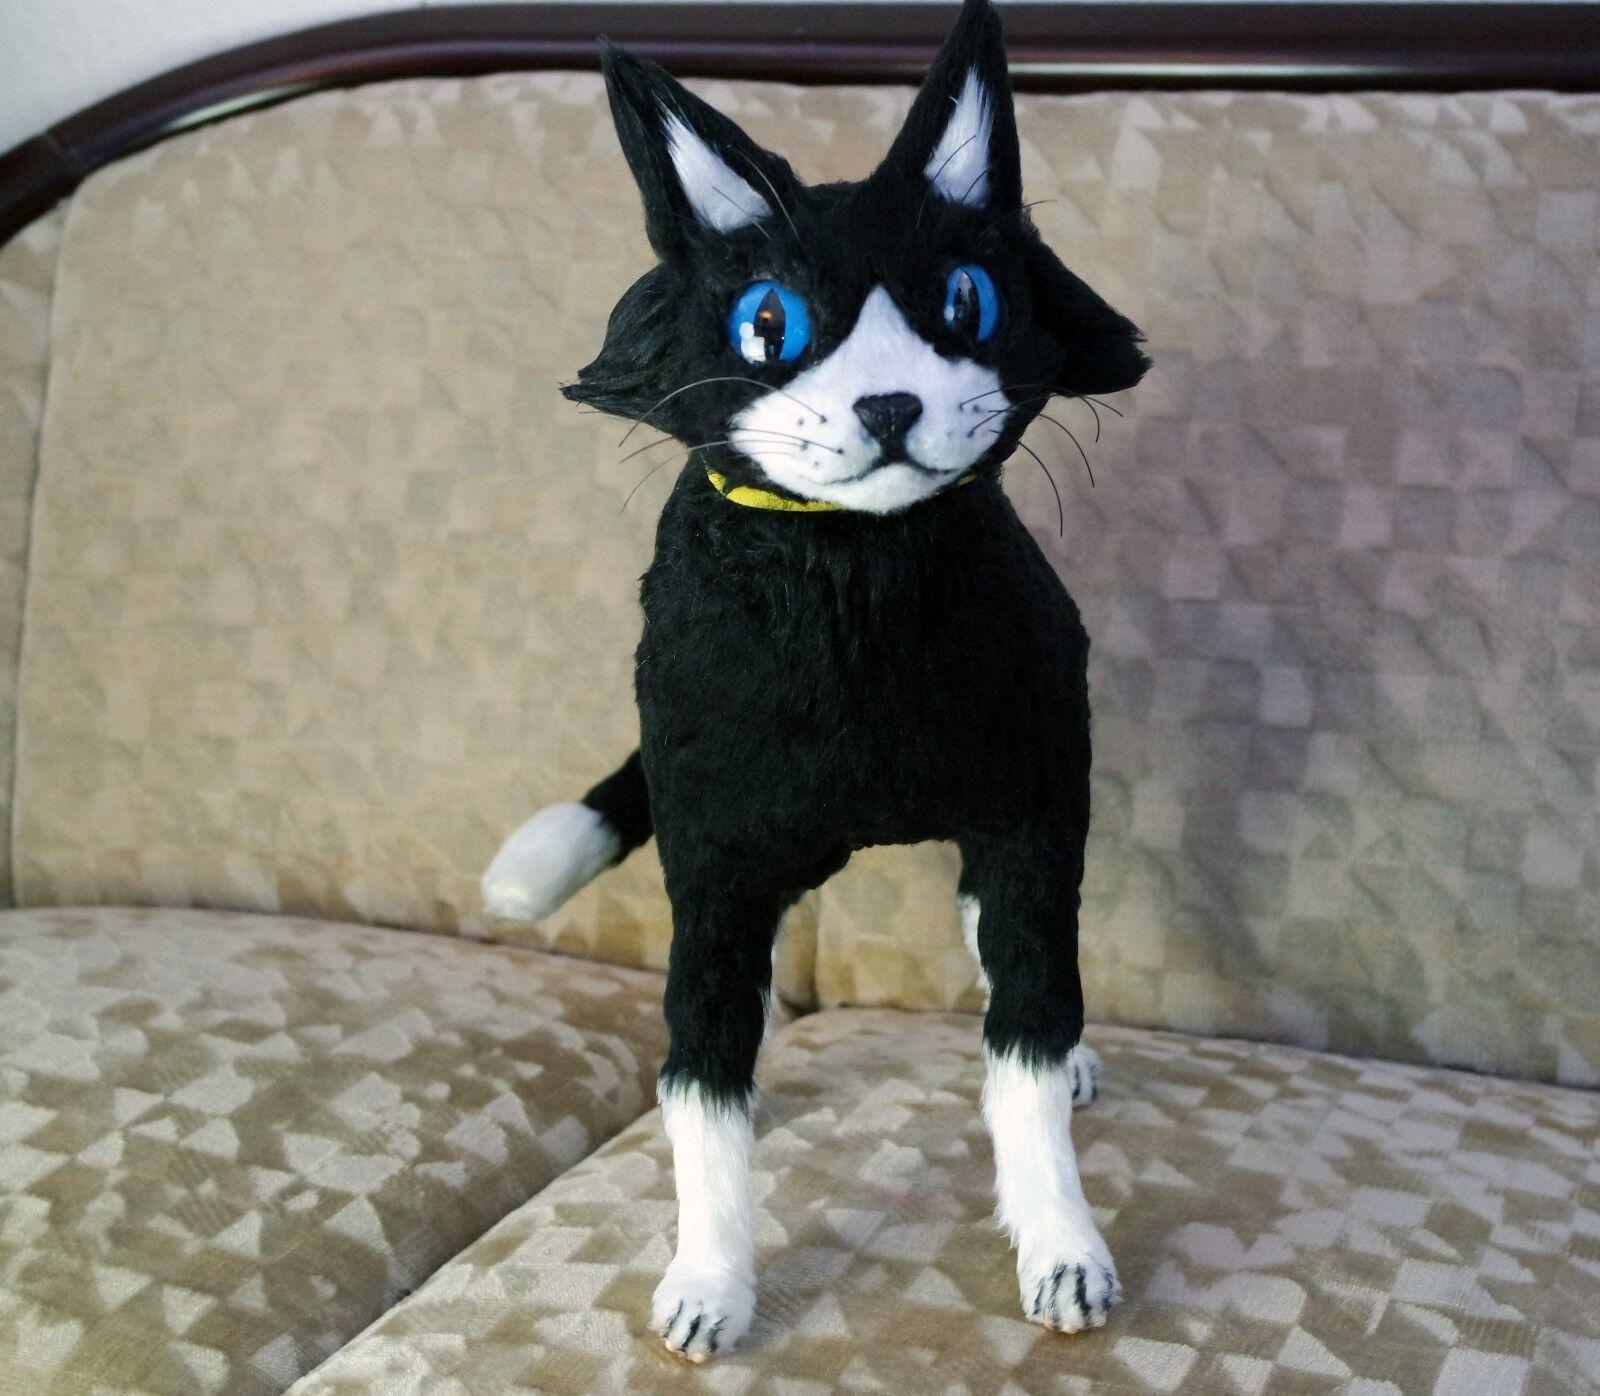 Morgana persona 5 Cat forma gato tipo Doll muñeca Plush peluche cosplay personaje